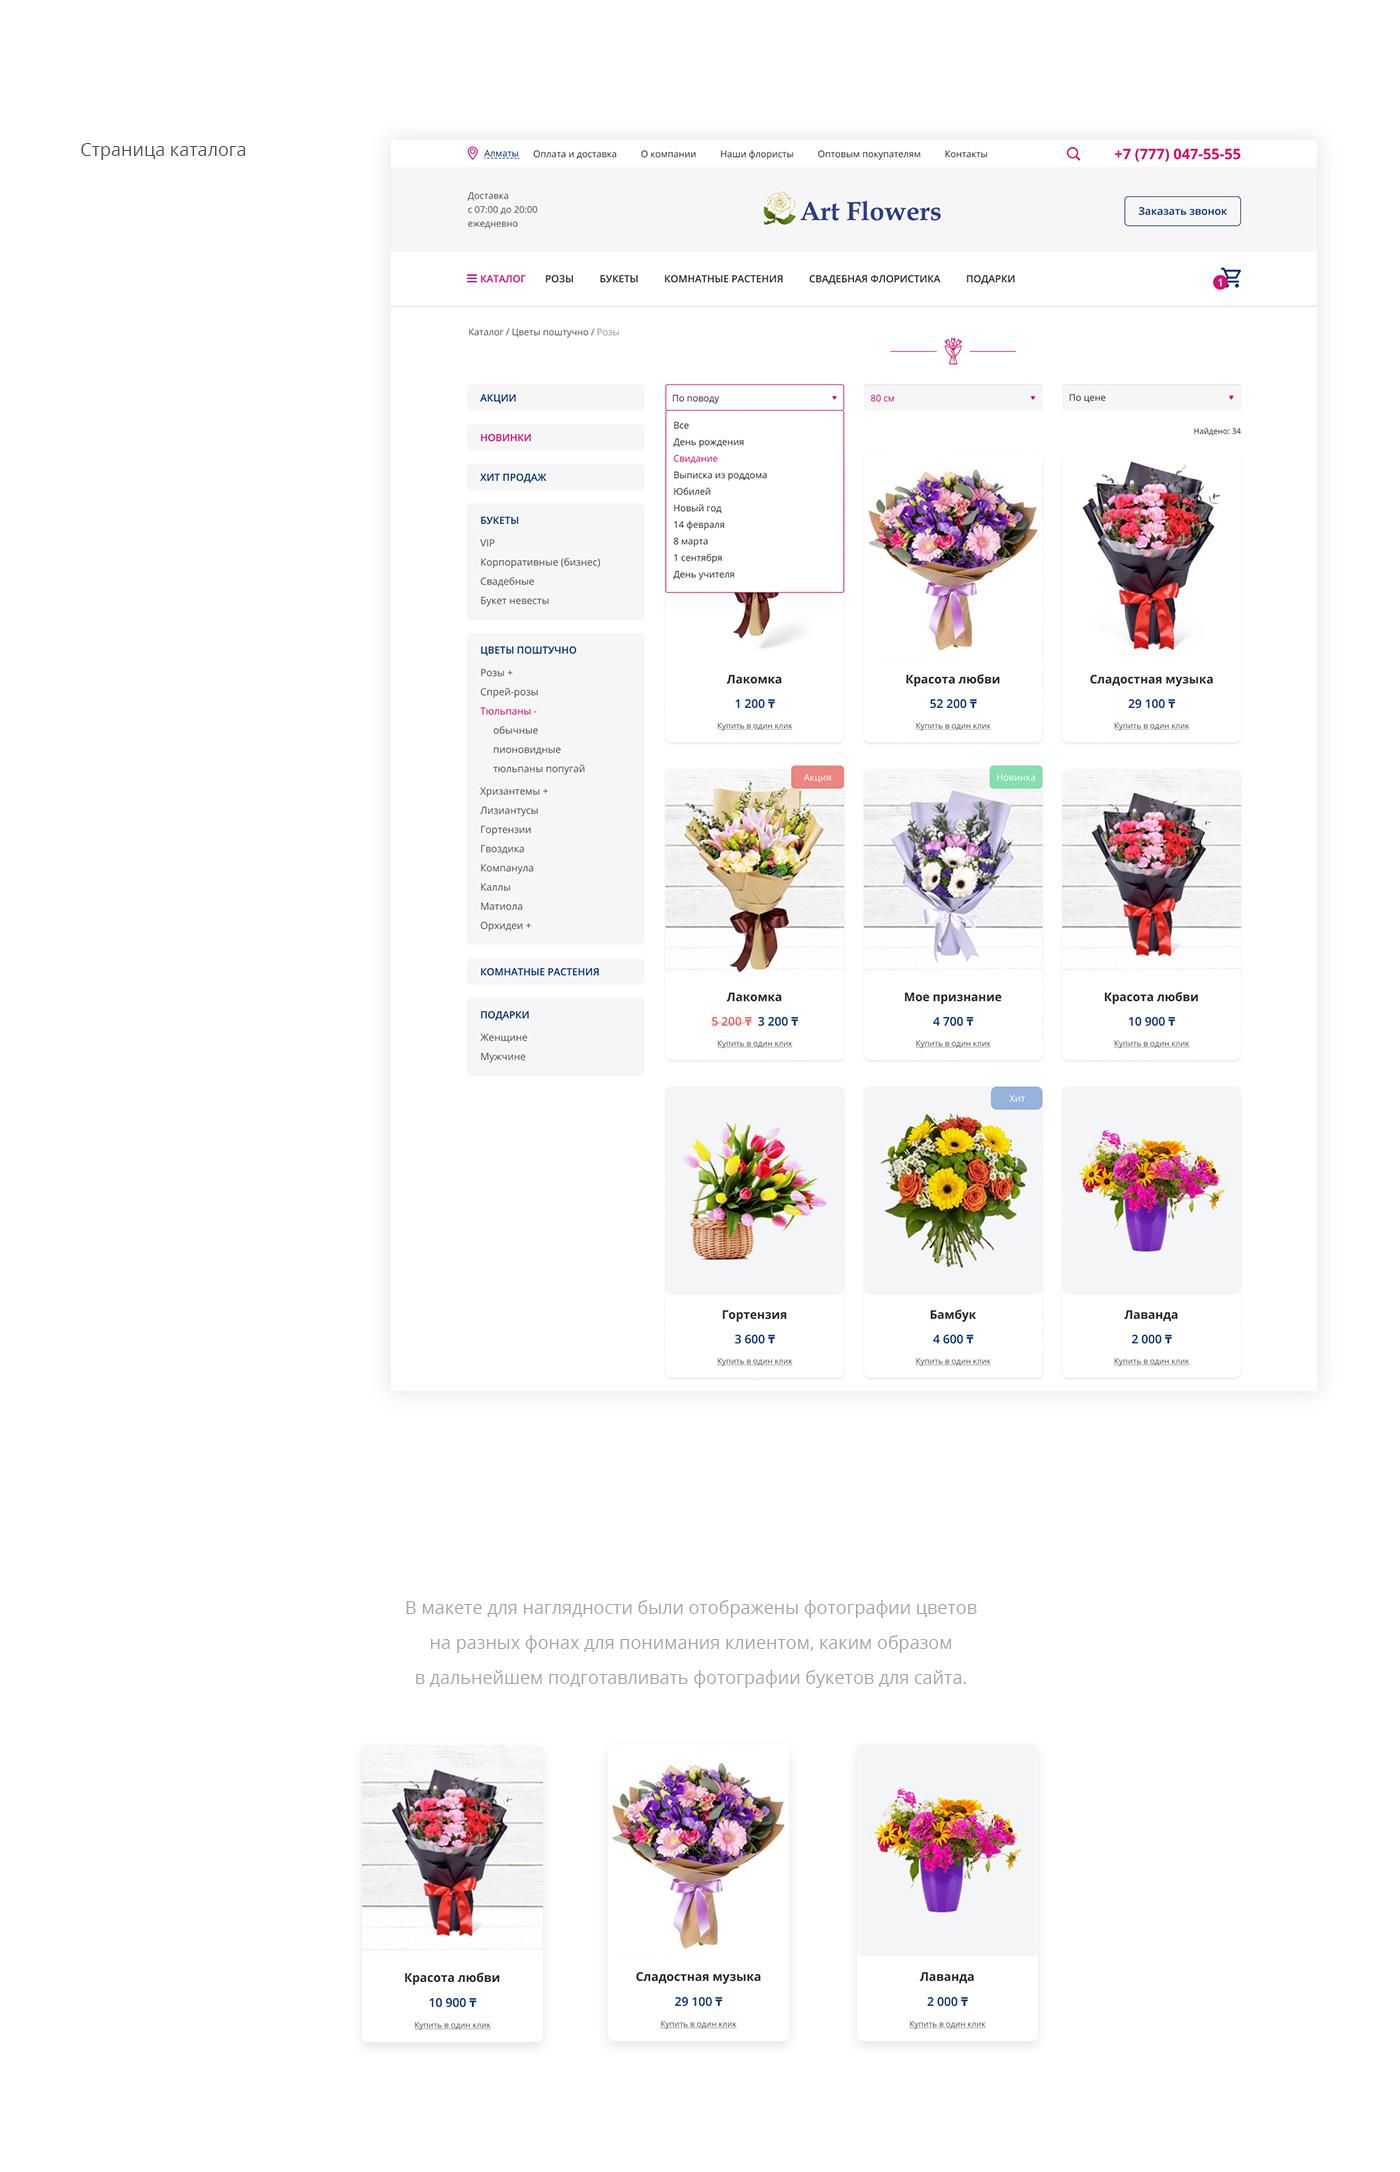 Дизайн страницы каталога